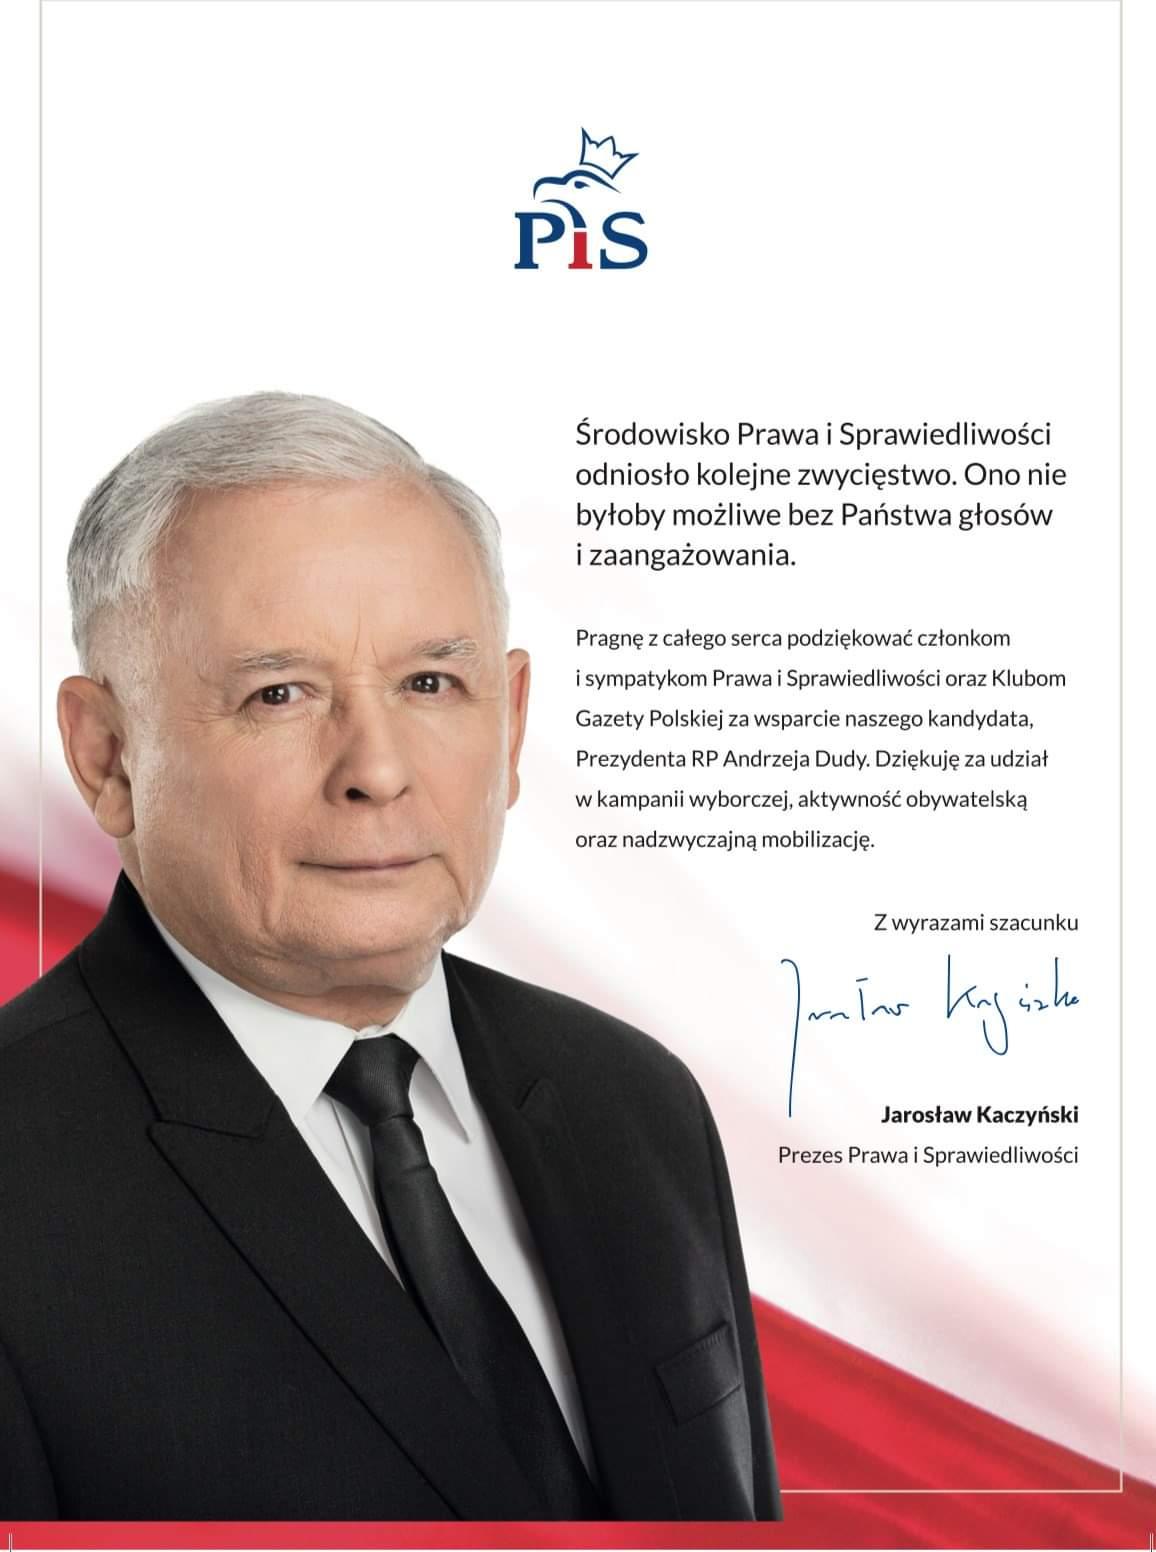 List Jaroslaw Kaczynski